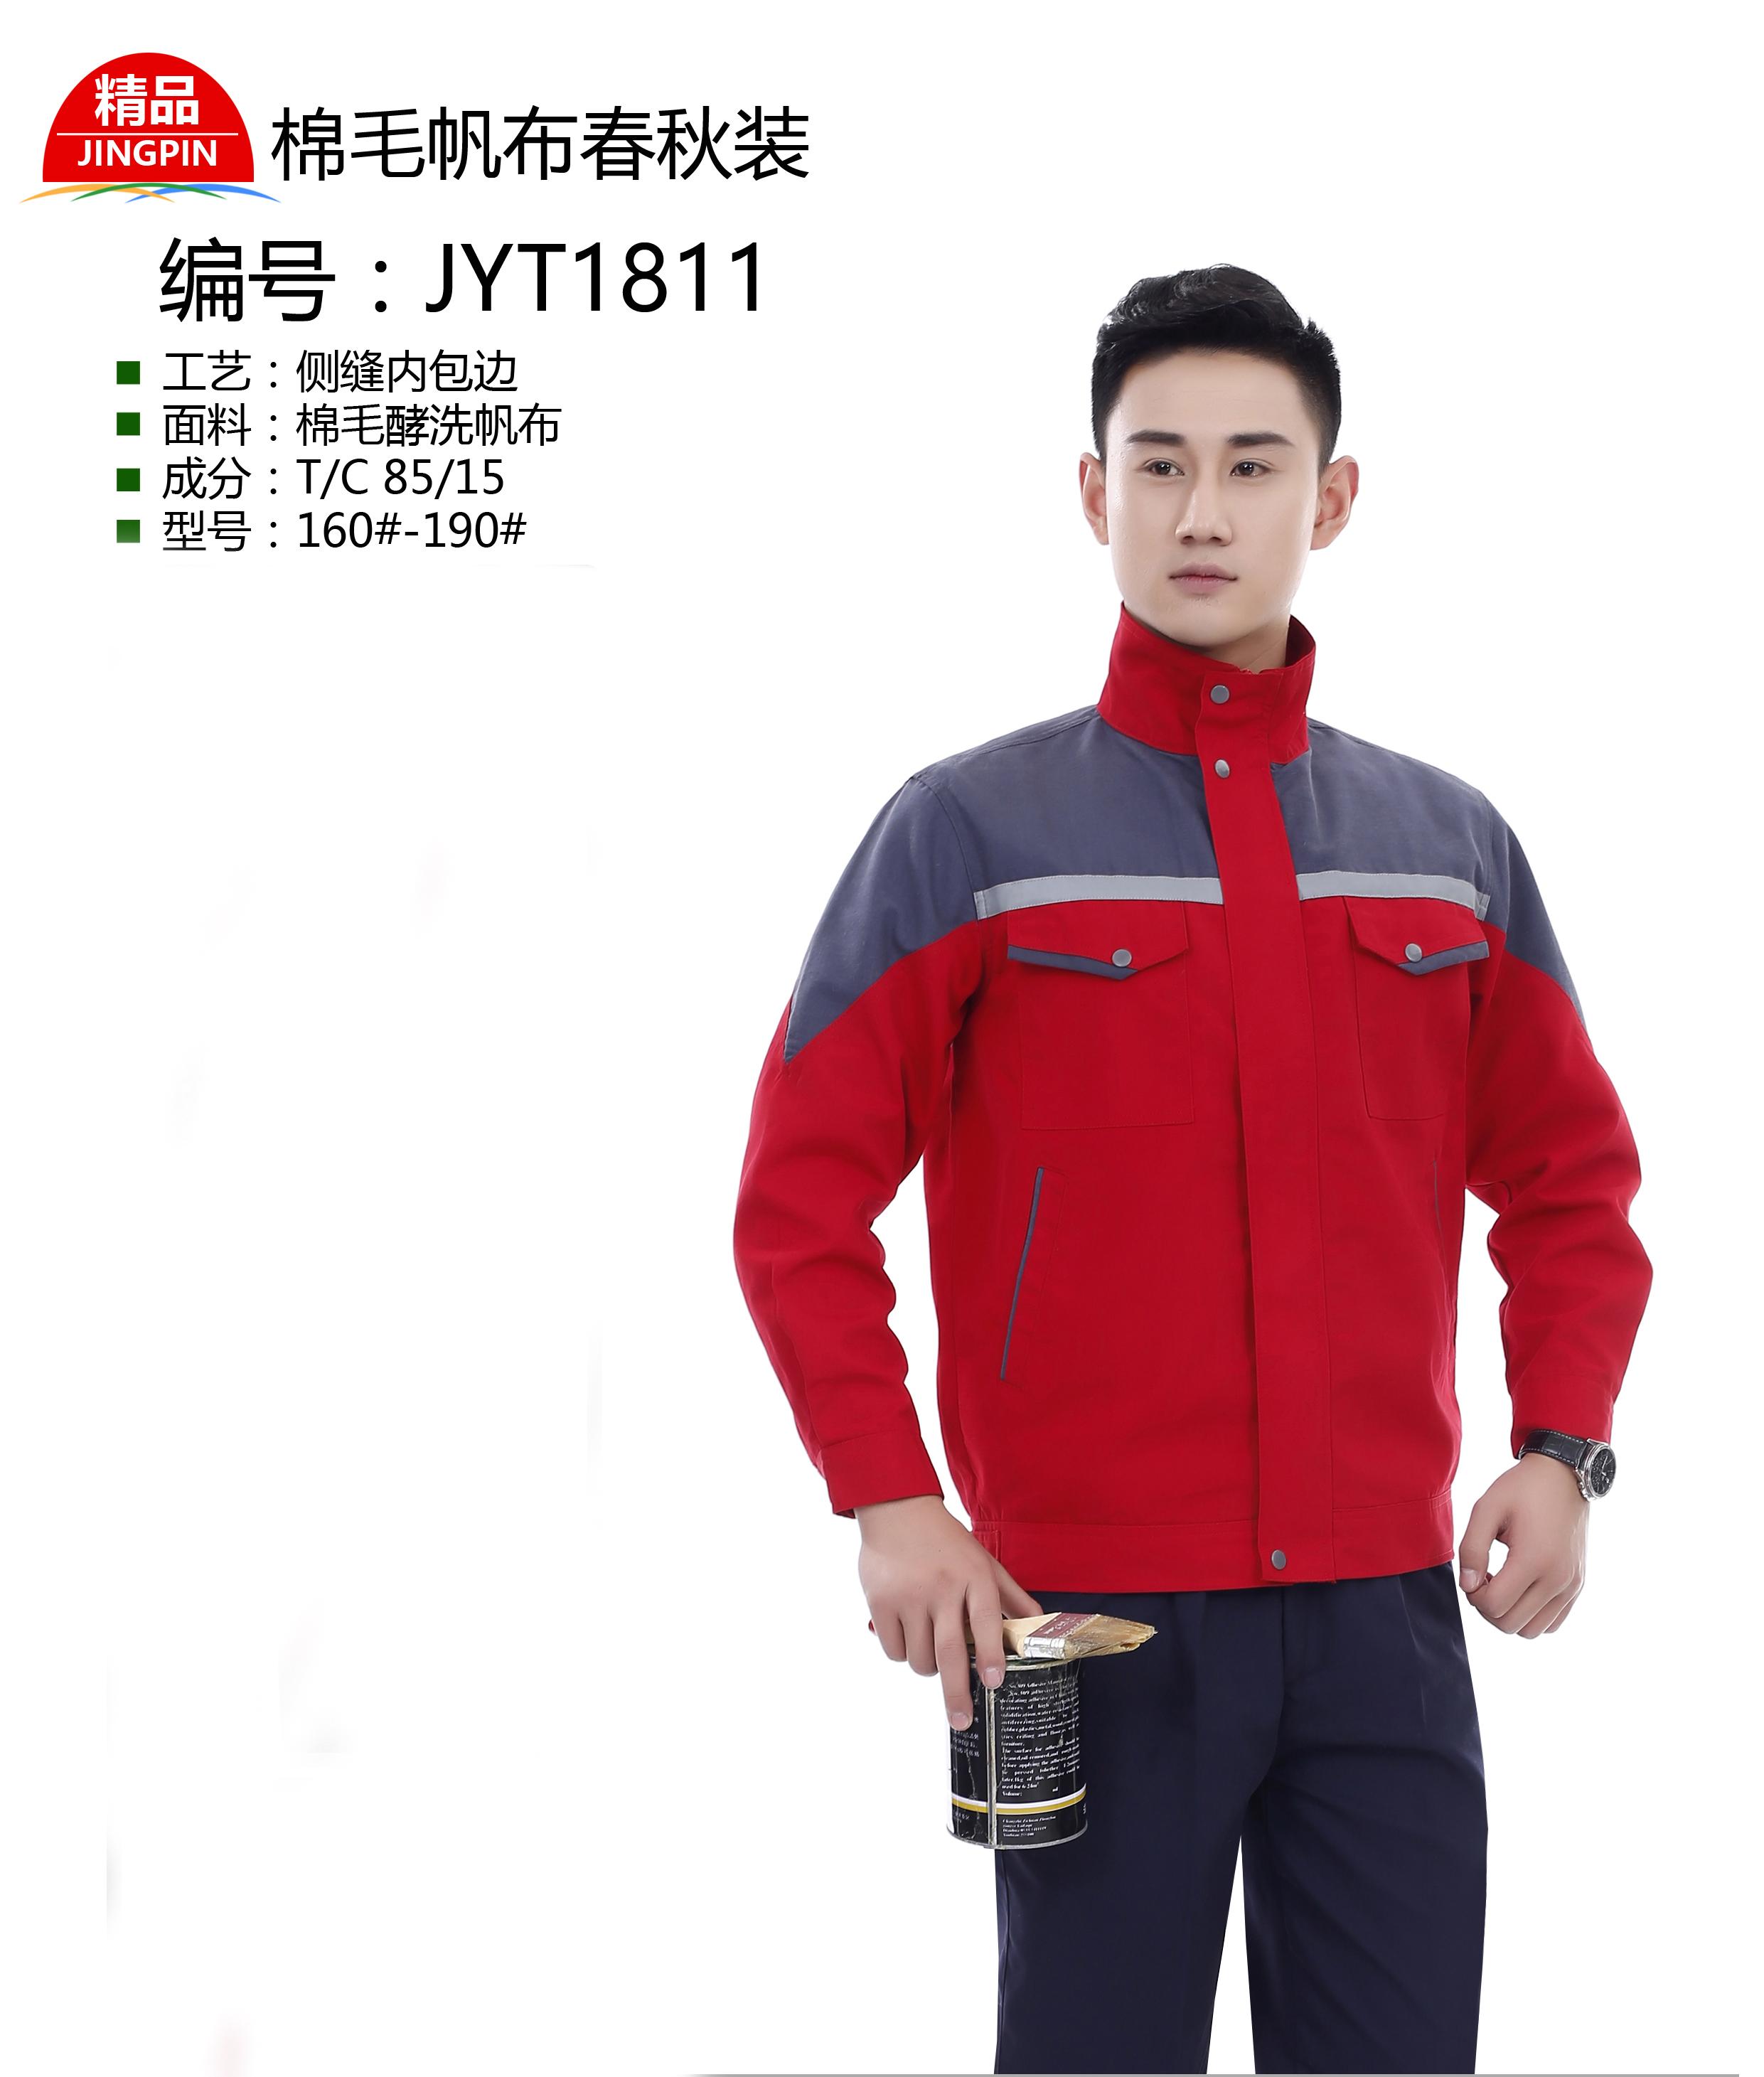 新款春秋工作服JYT1811